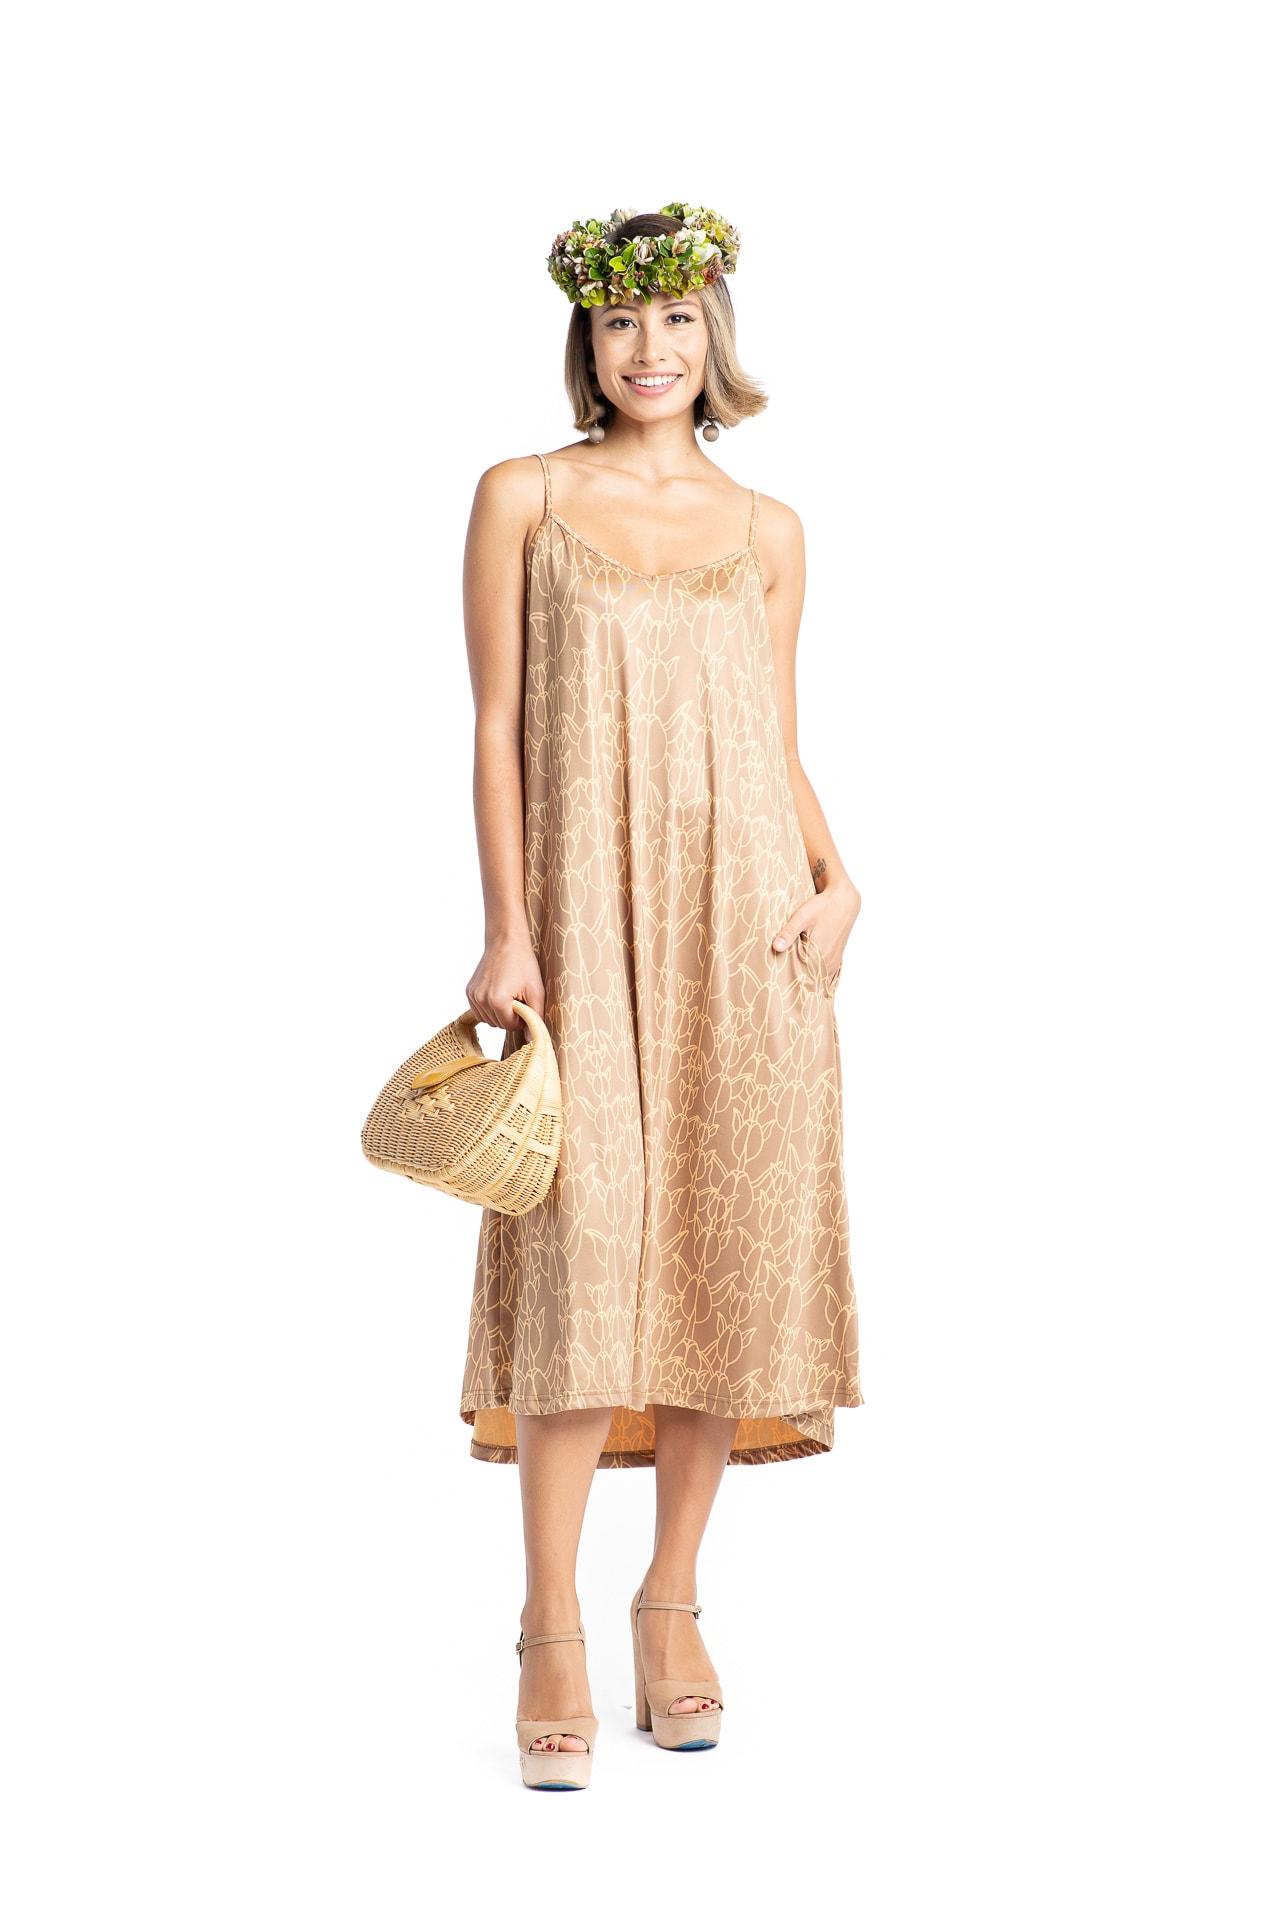 Model wearing Puanani Maxi Dress in Ginger Snap/Apricot Sherbert Kapualiko